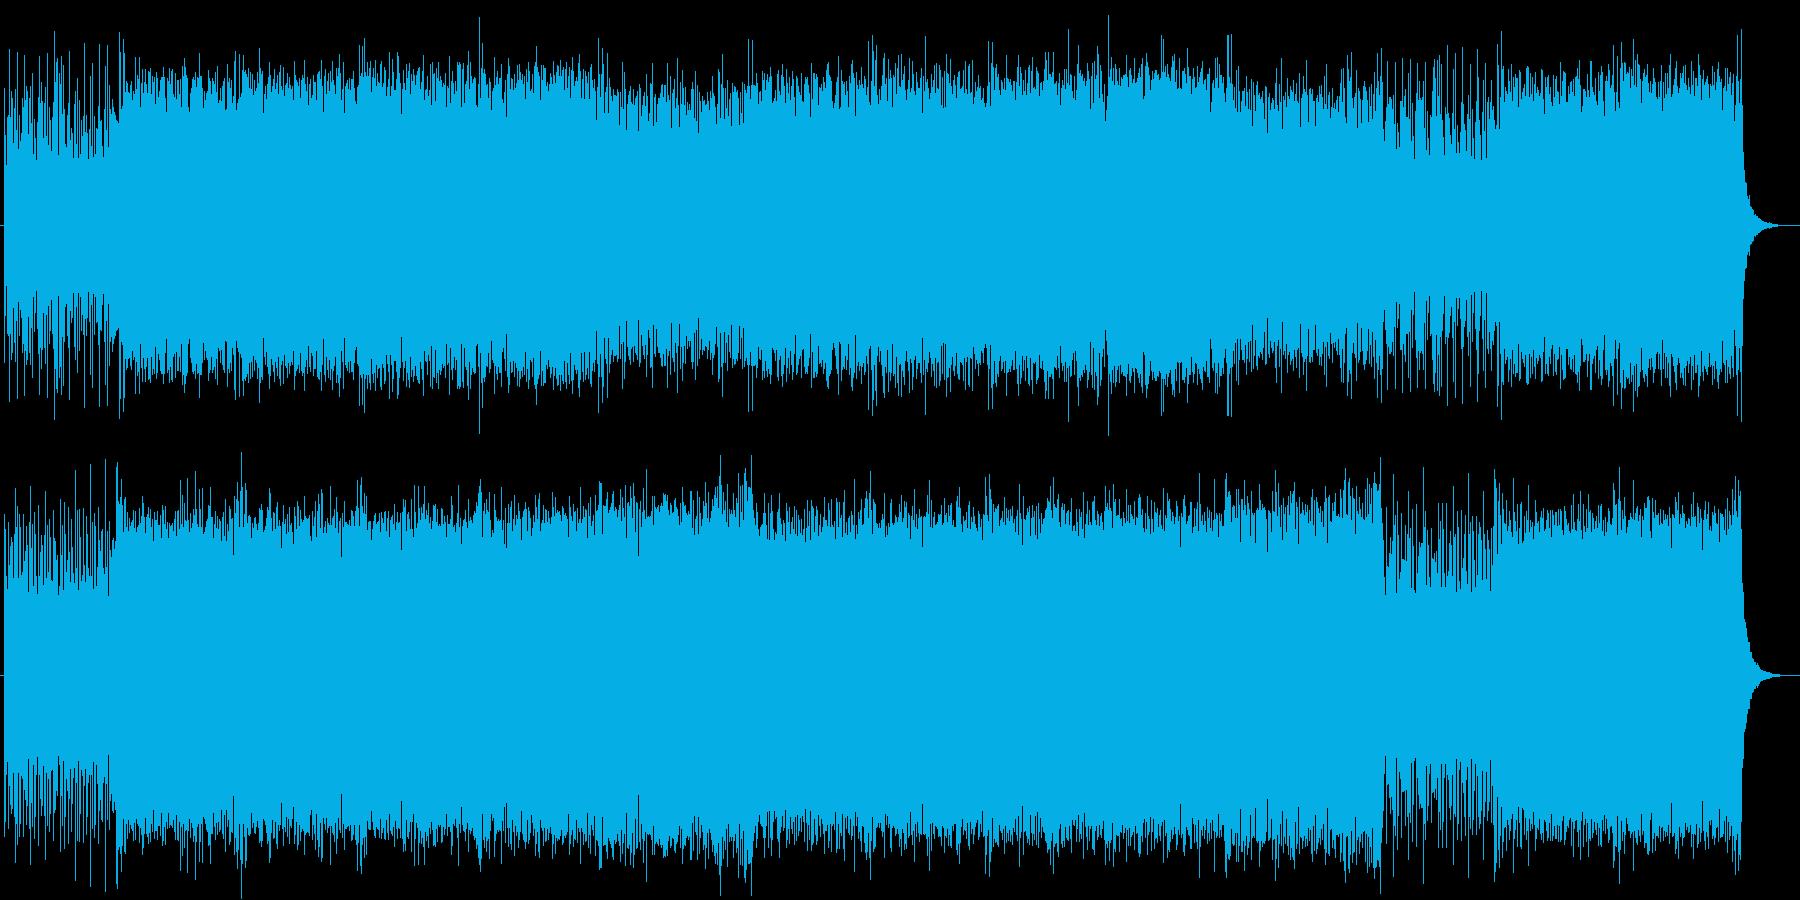 疾走感のあるシンセサイザーテクノの再生済みの波形